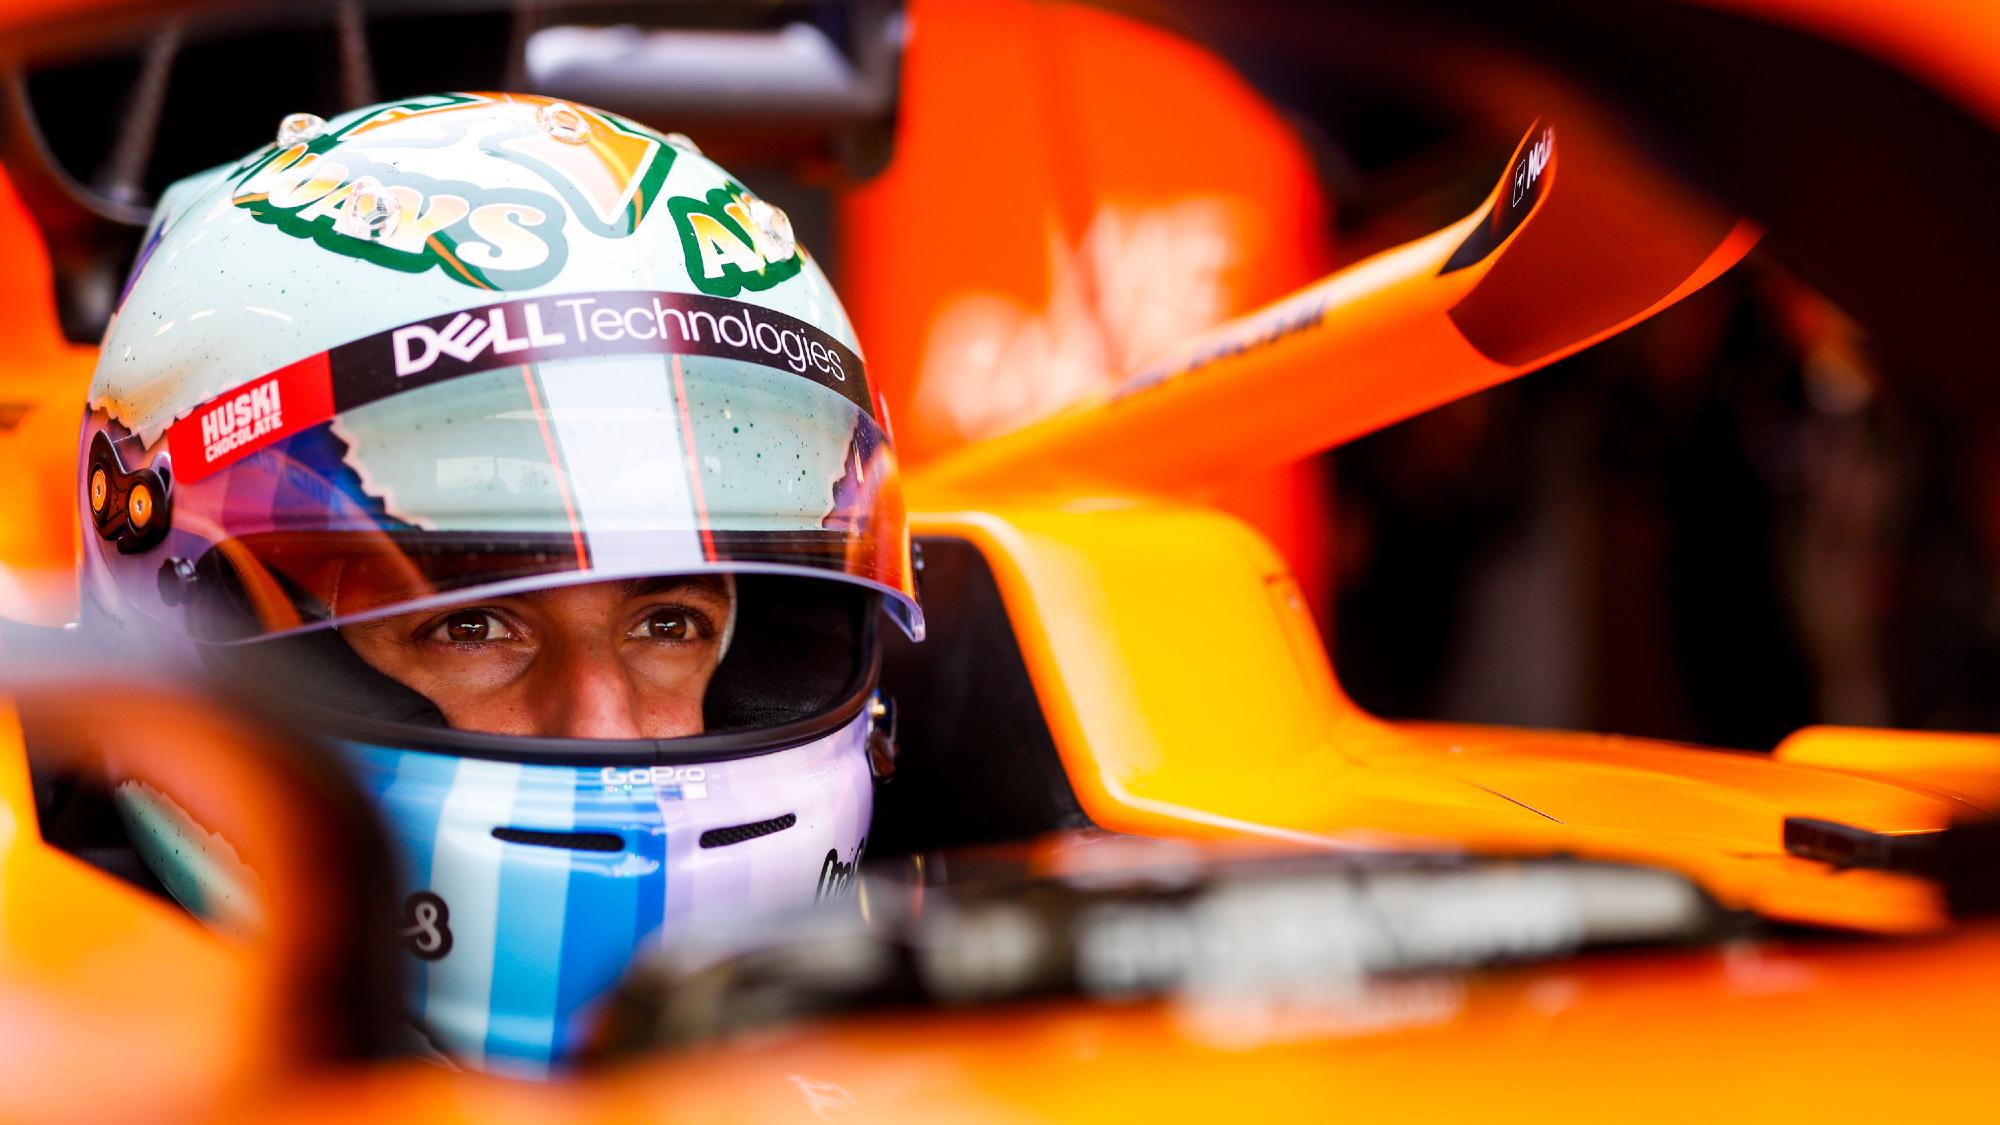 Daniel Ricciardo, 2021 McLaren filming day